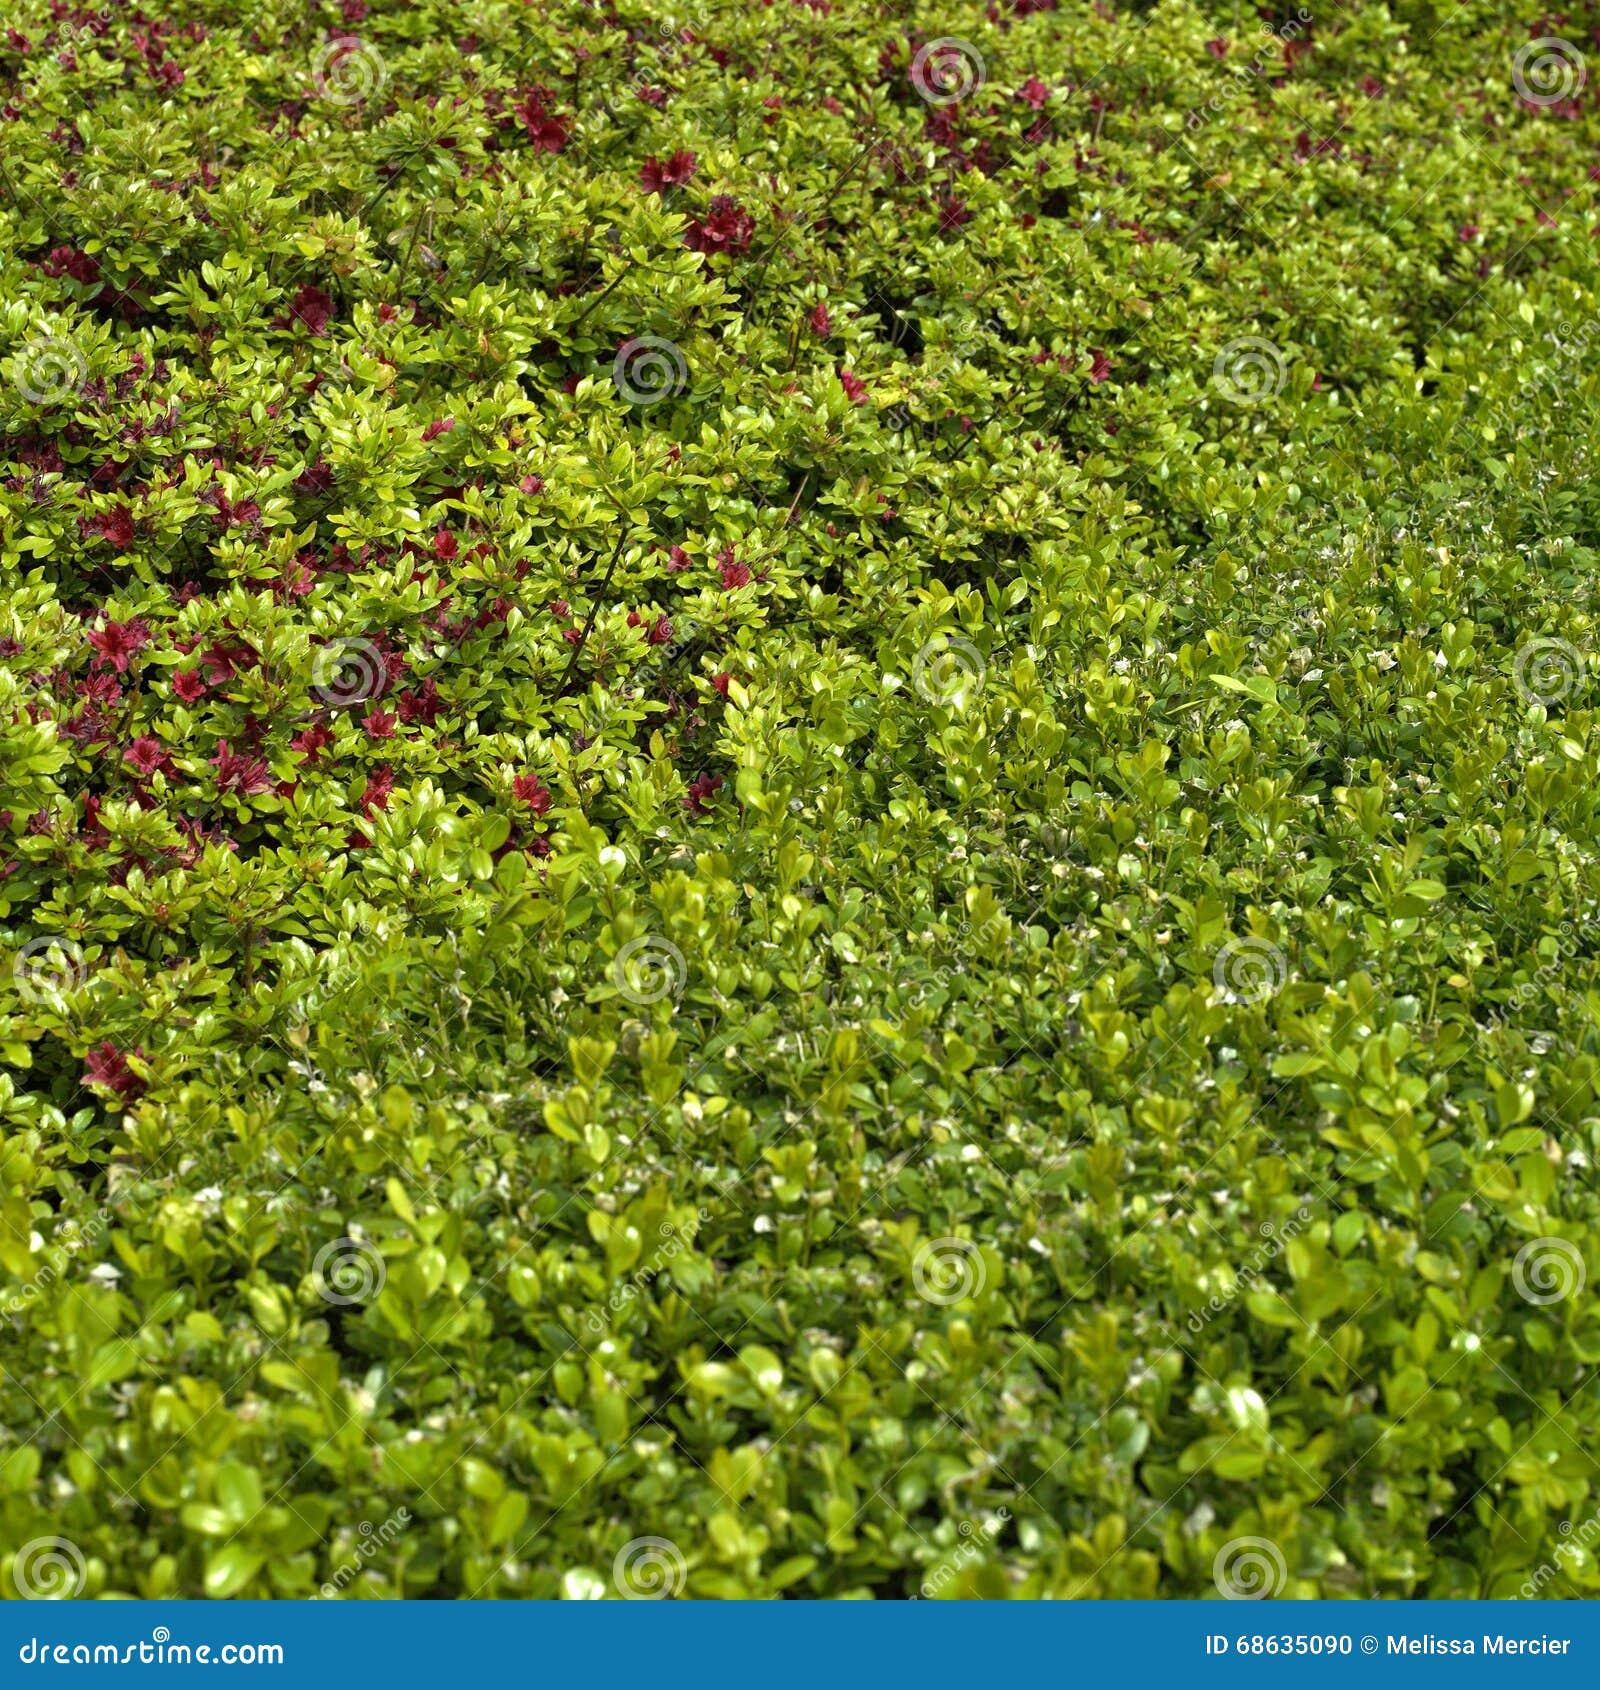 Blühende Hecke stockfoto Bild von wachsen hecke genau